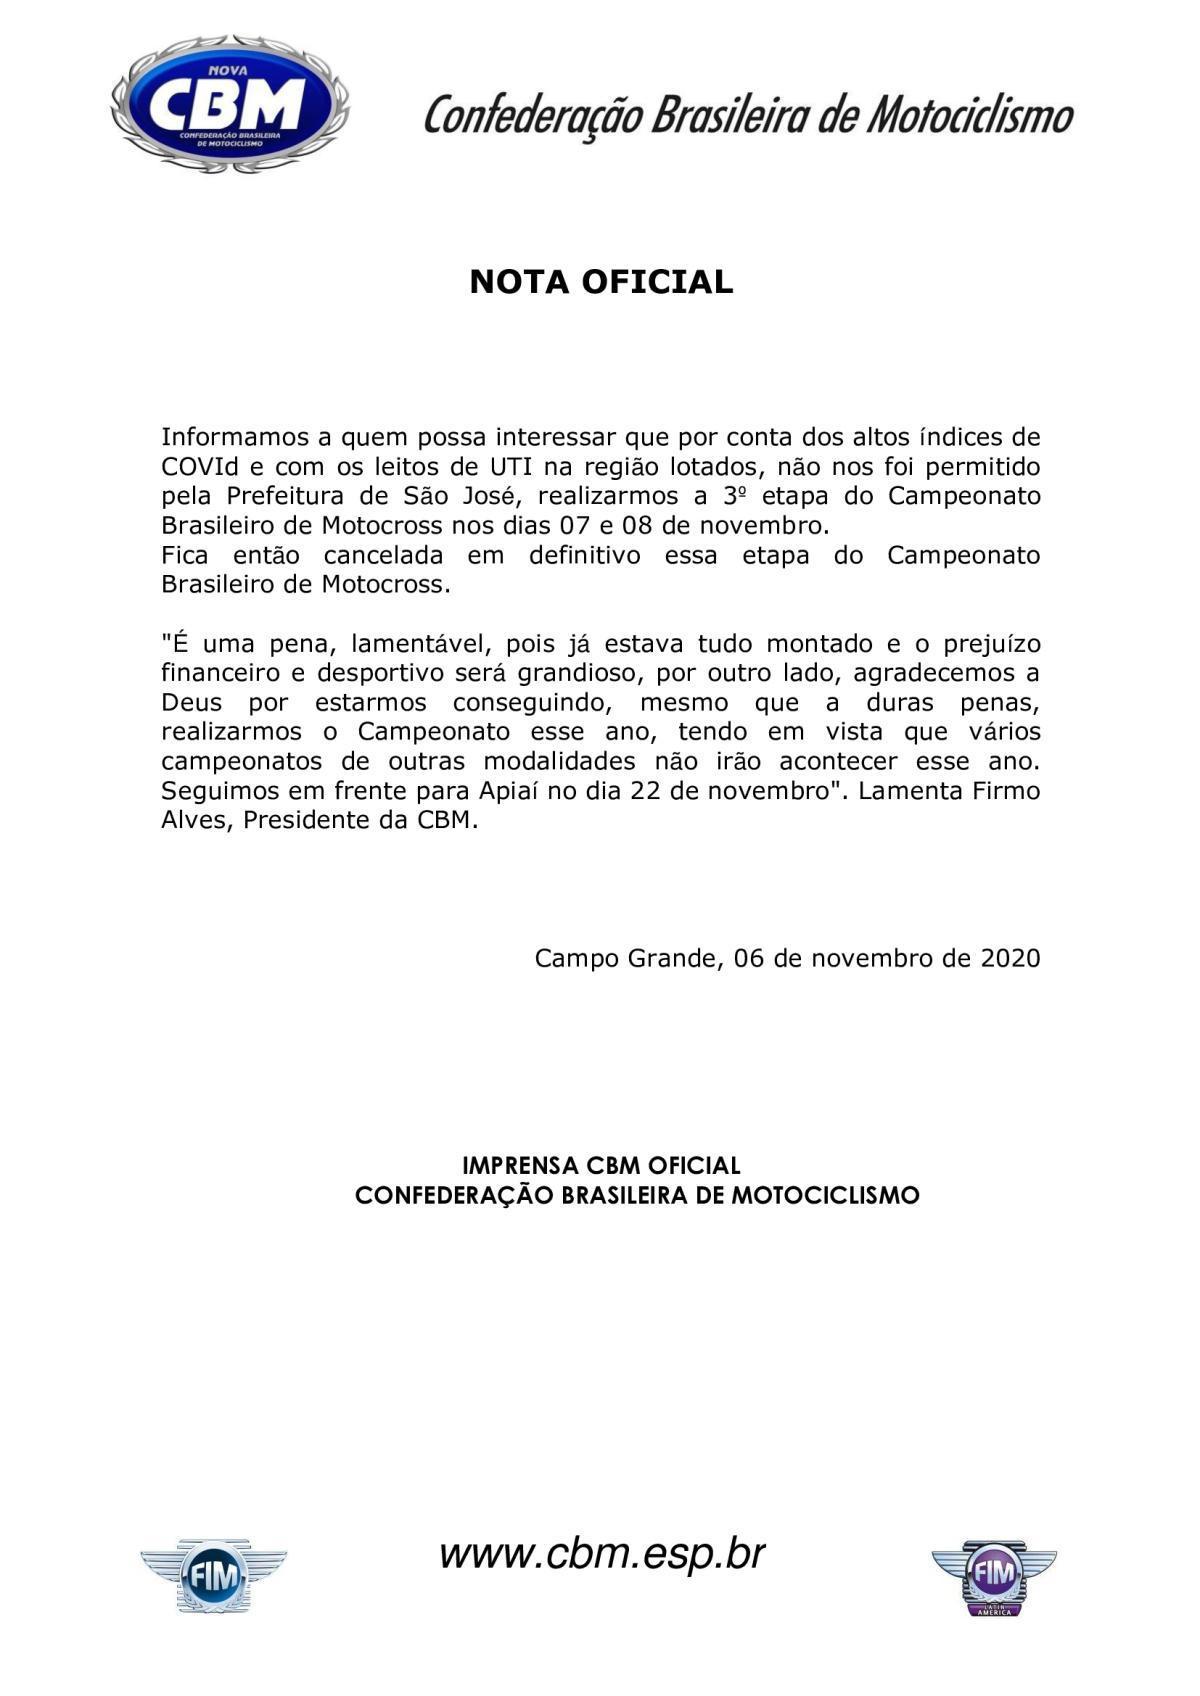 CANCELADA A 3ª ETAPA DO BRASILEIRO DE MOTOCROSS!